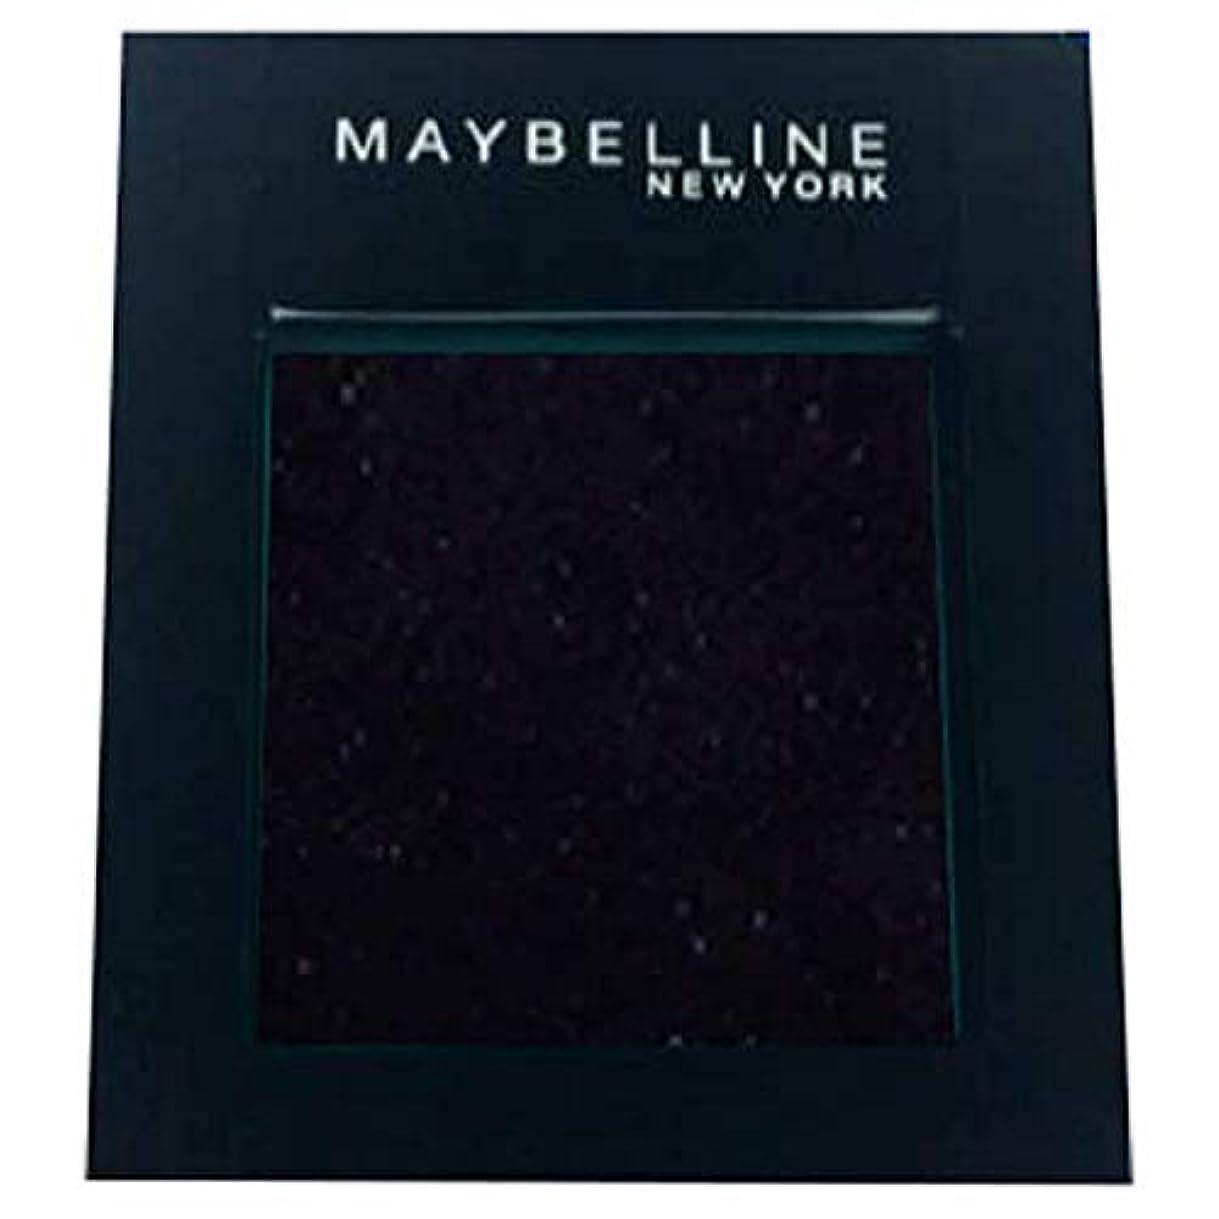 結晶新鮮な面積[Maybelline ] メイベリンカラーショーシングルアイシャドウ125の夜 - Maybelline Color Show Single Eyeshadow 125 Night [並行輸入品]